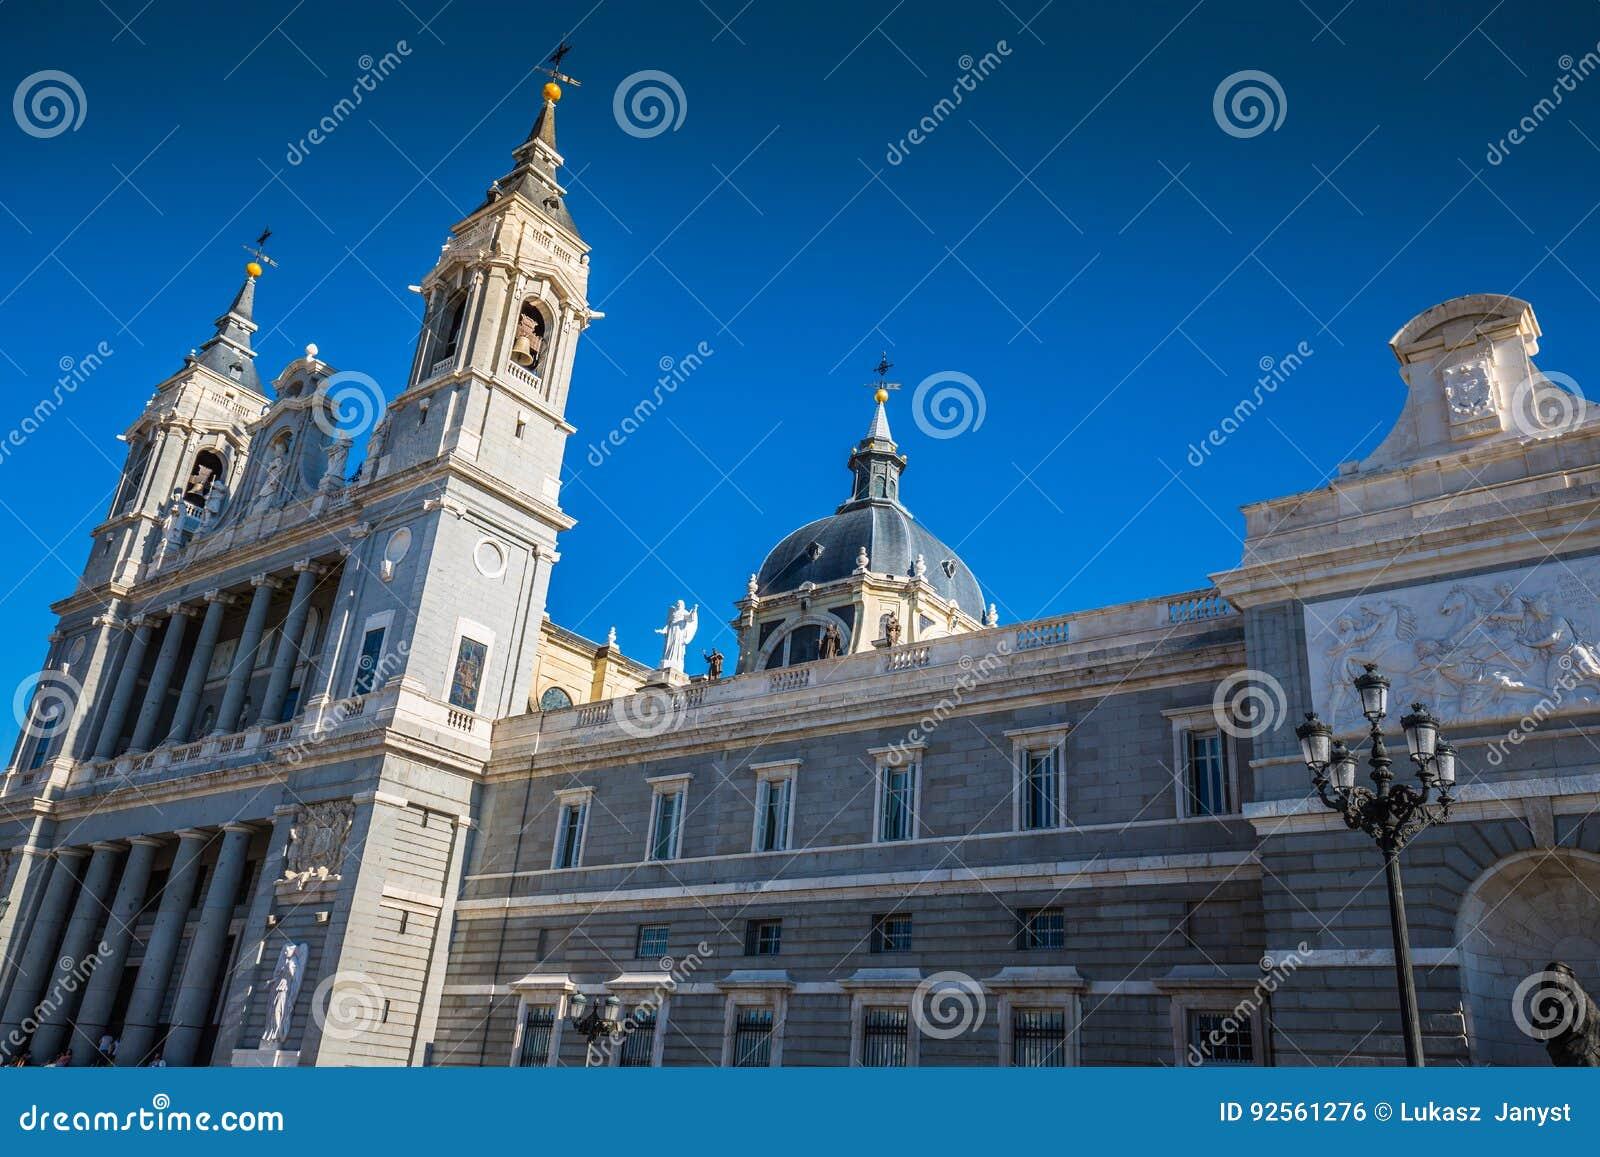 Santa Maria la Real de La Almudena Cathedral, Madrid